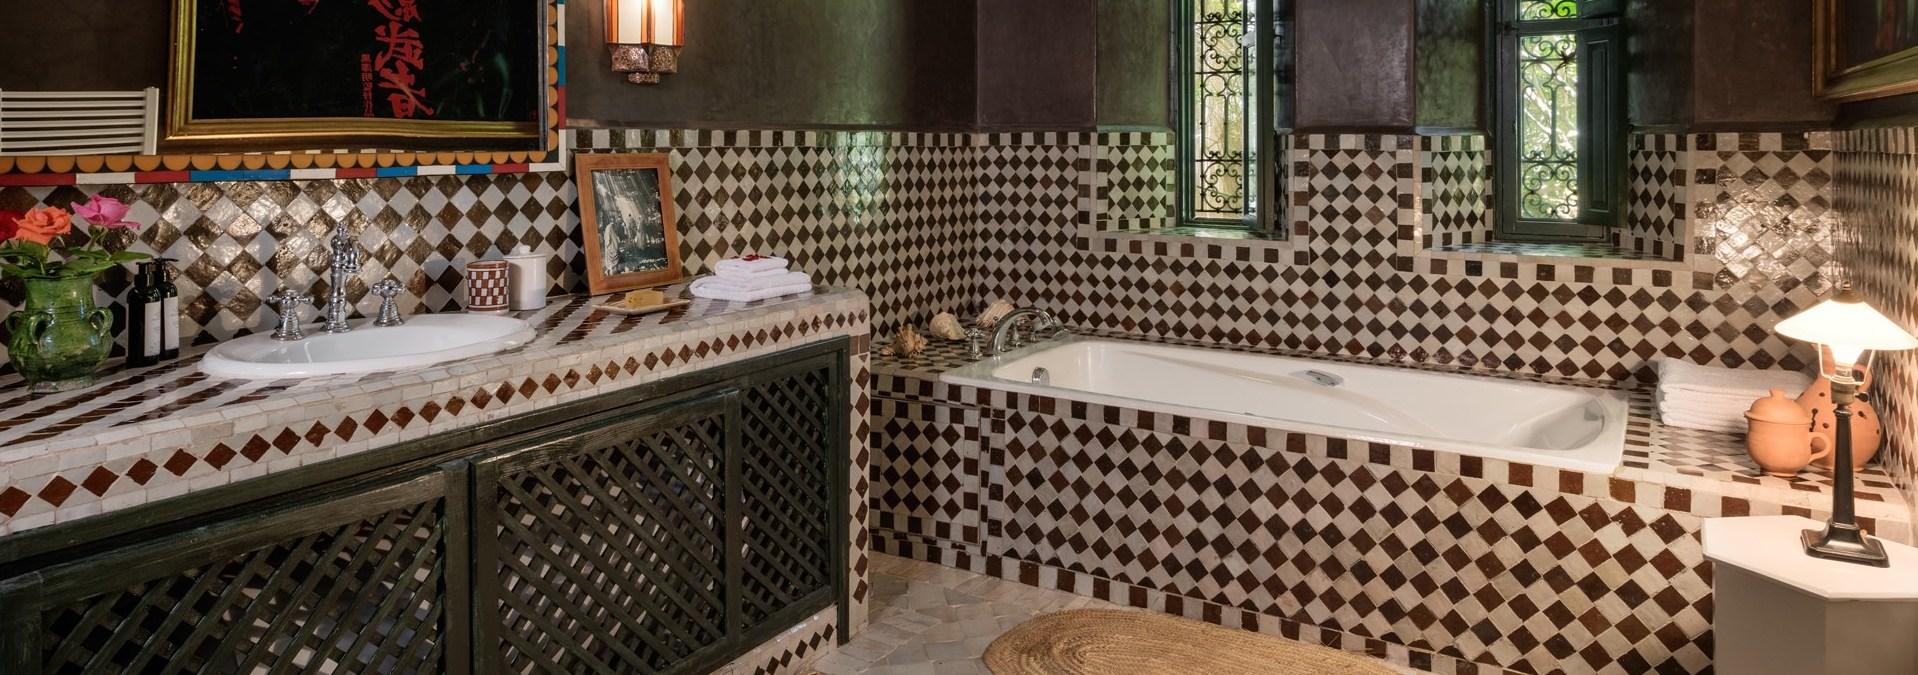 traditional-moroccan-en-suite